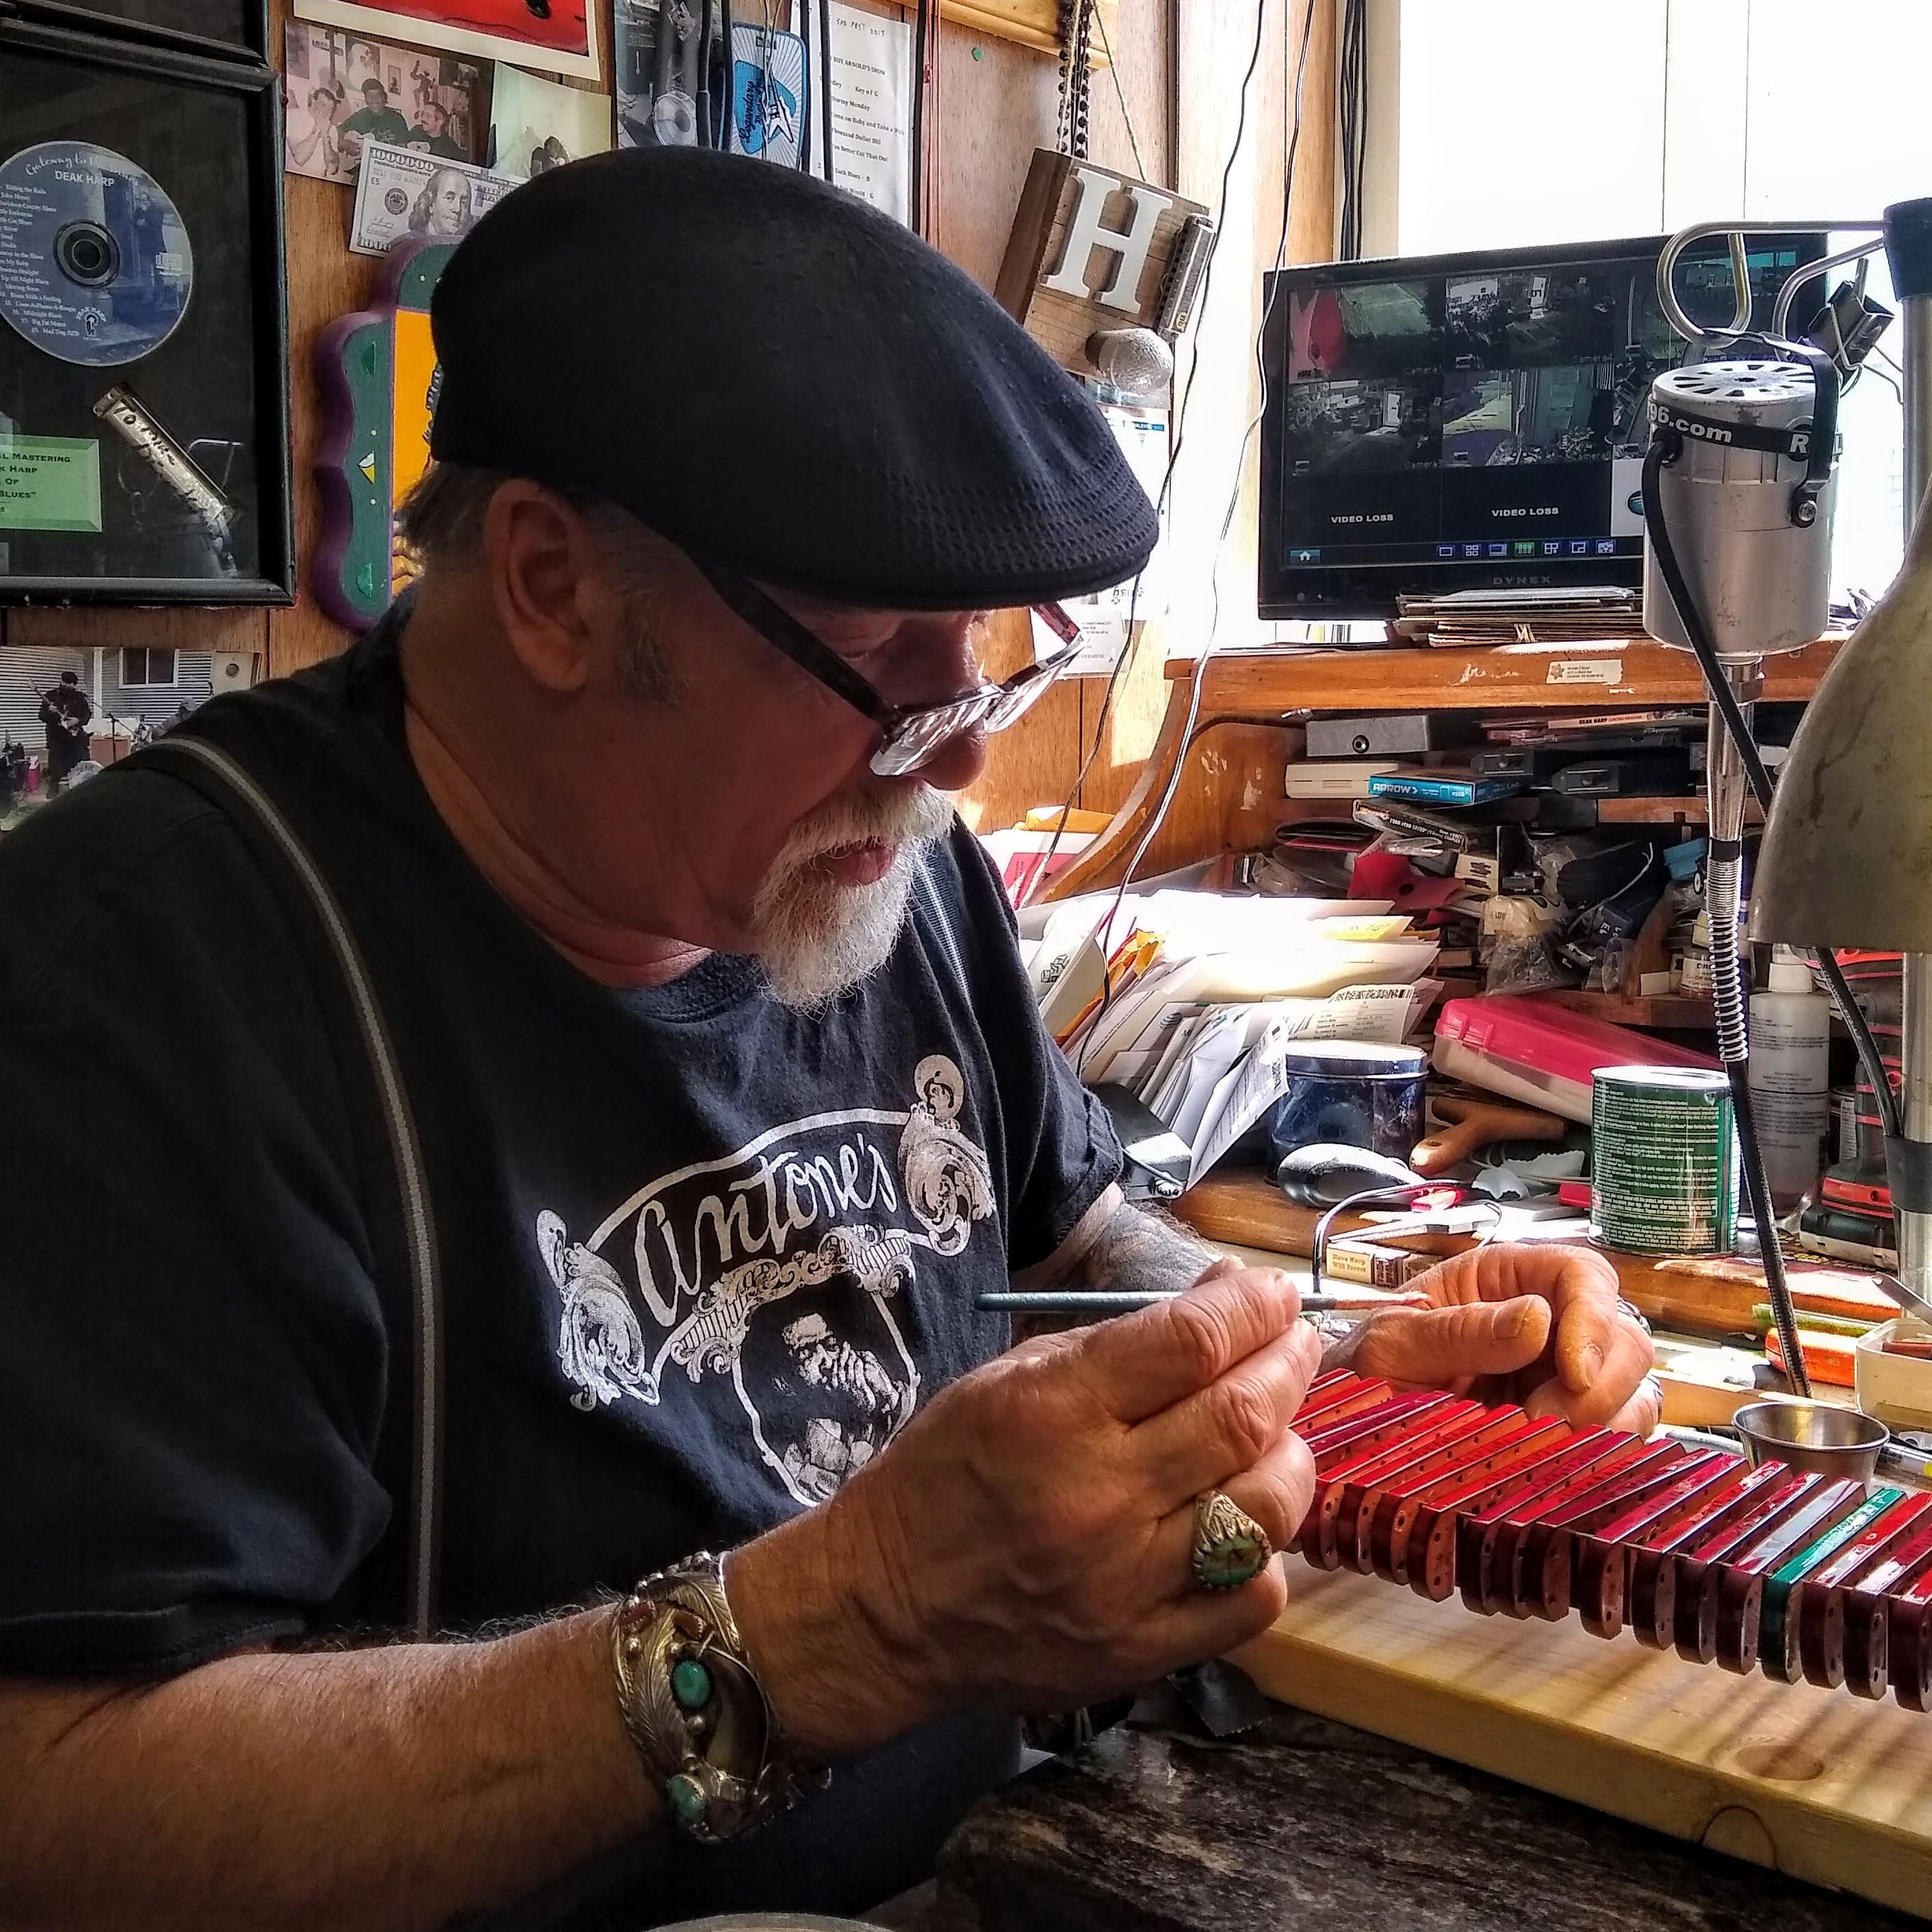 Deak Harp sings the blues